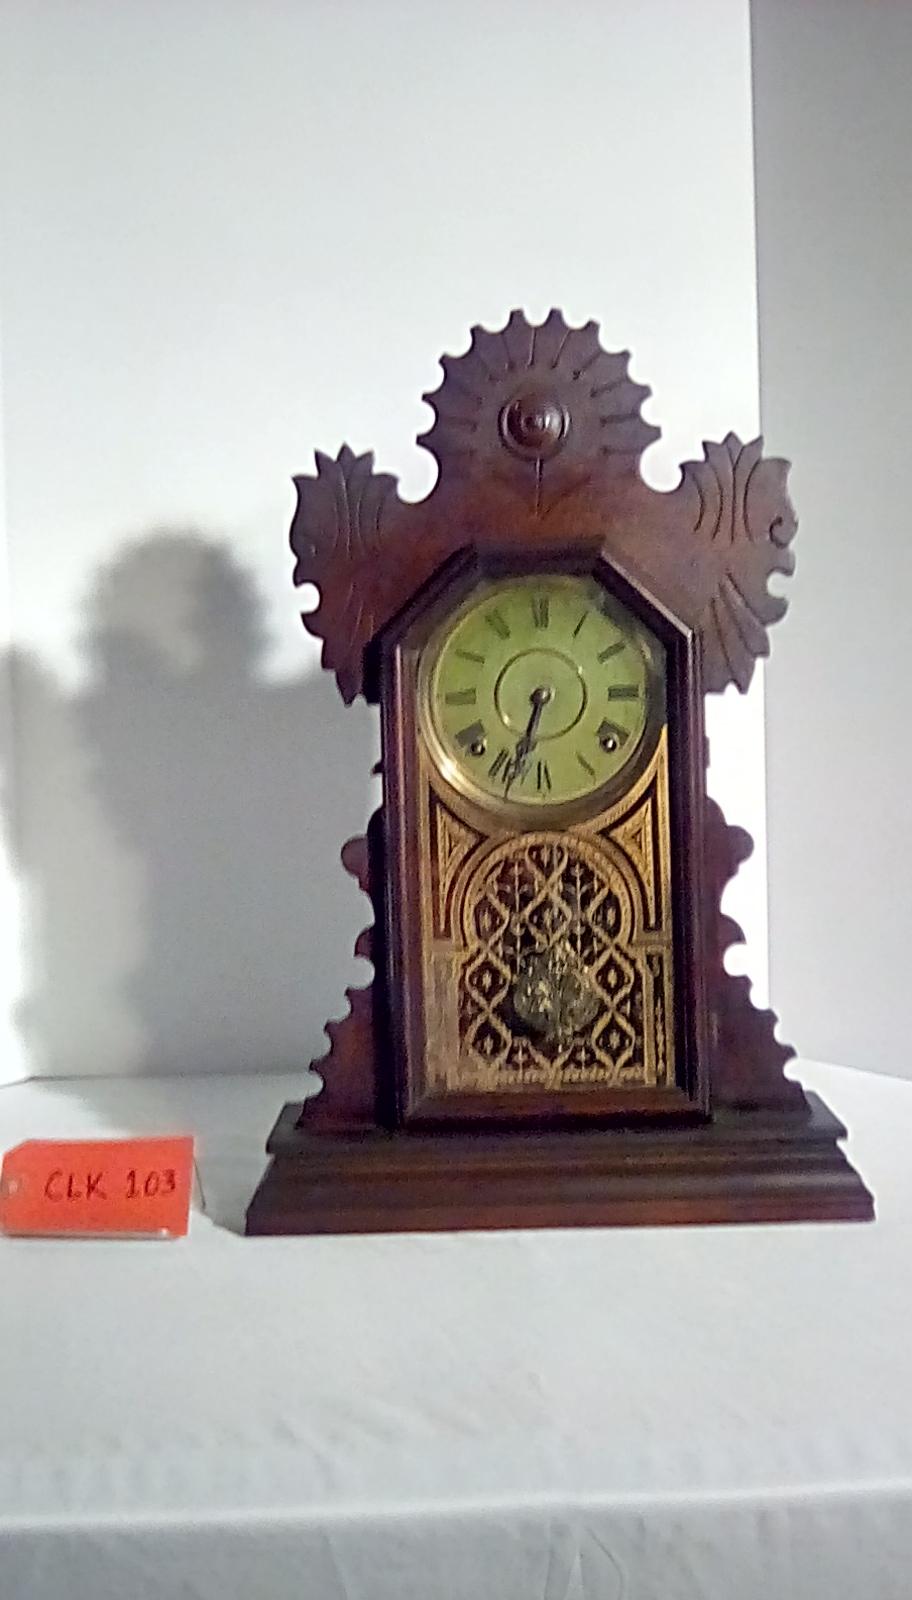 CLK103 wooden mantel clock w/pendulum & a green face